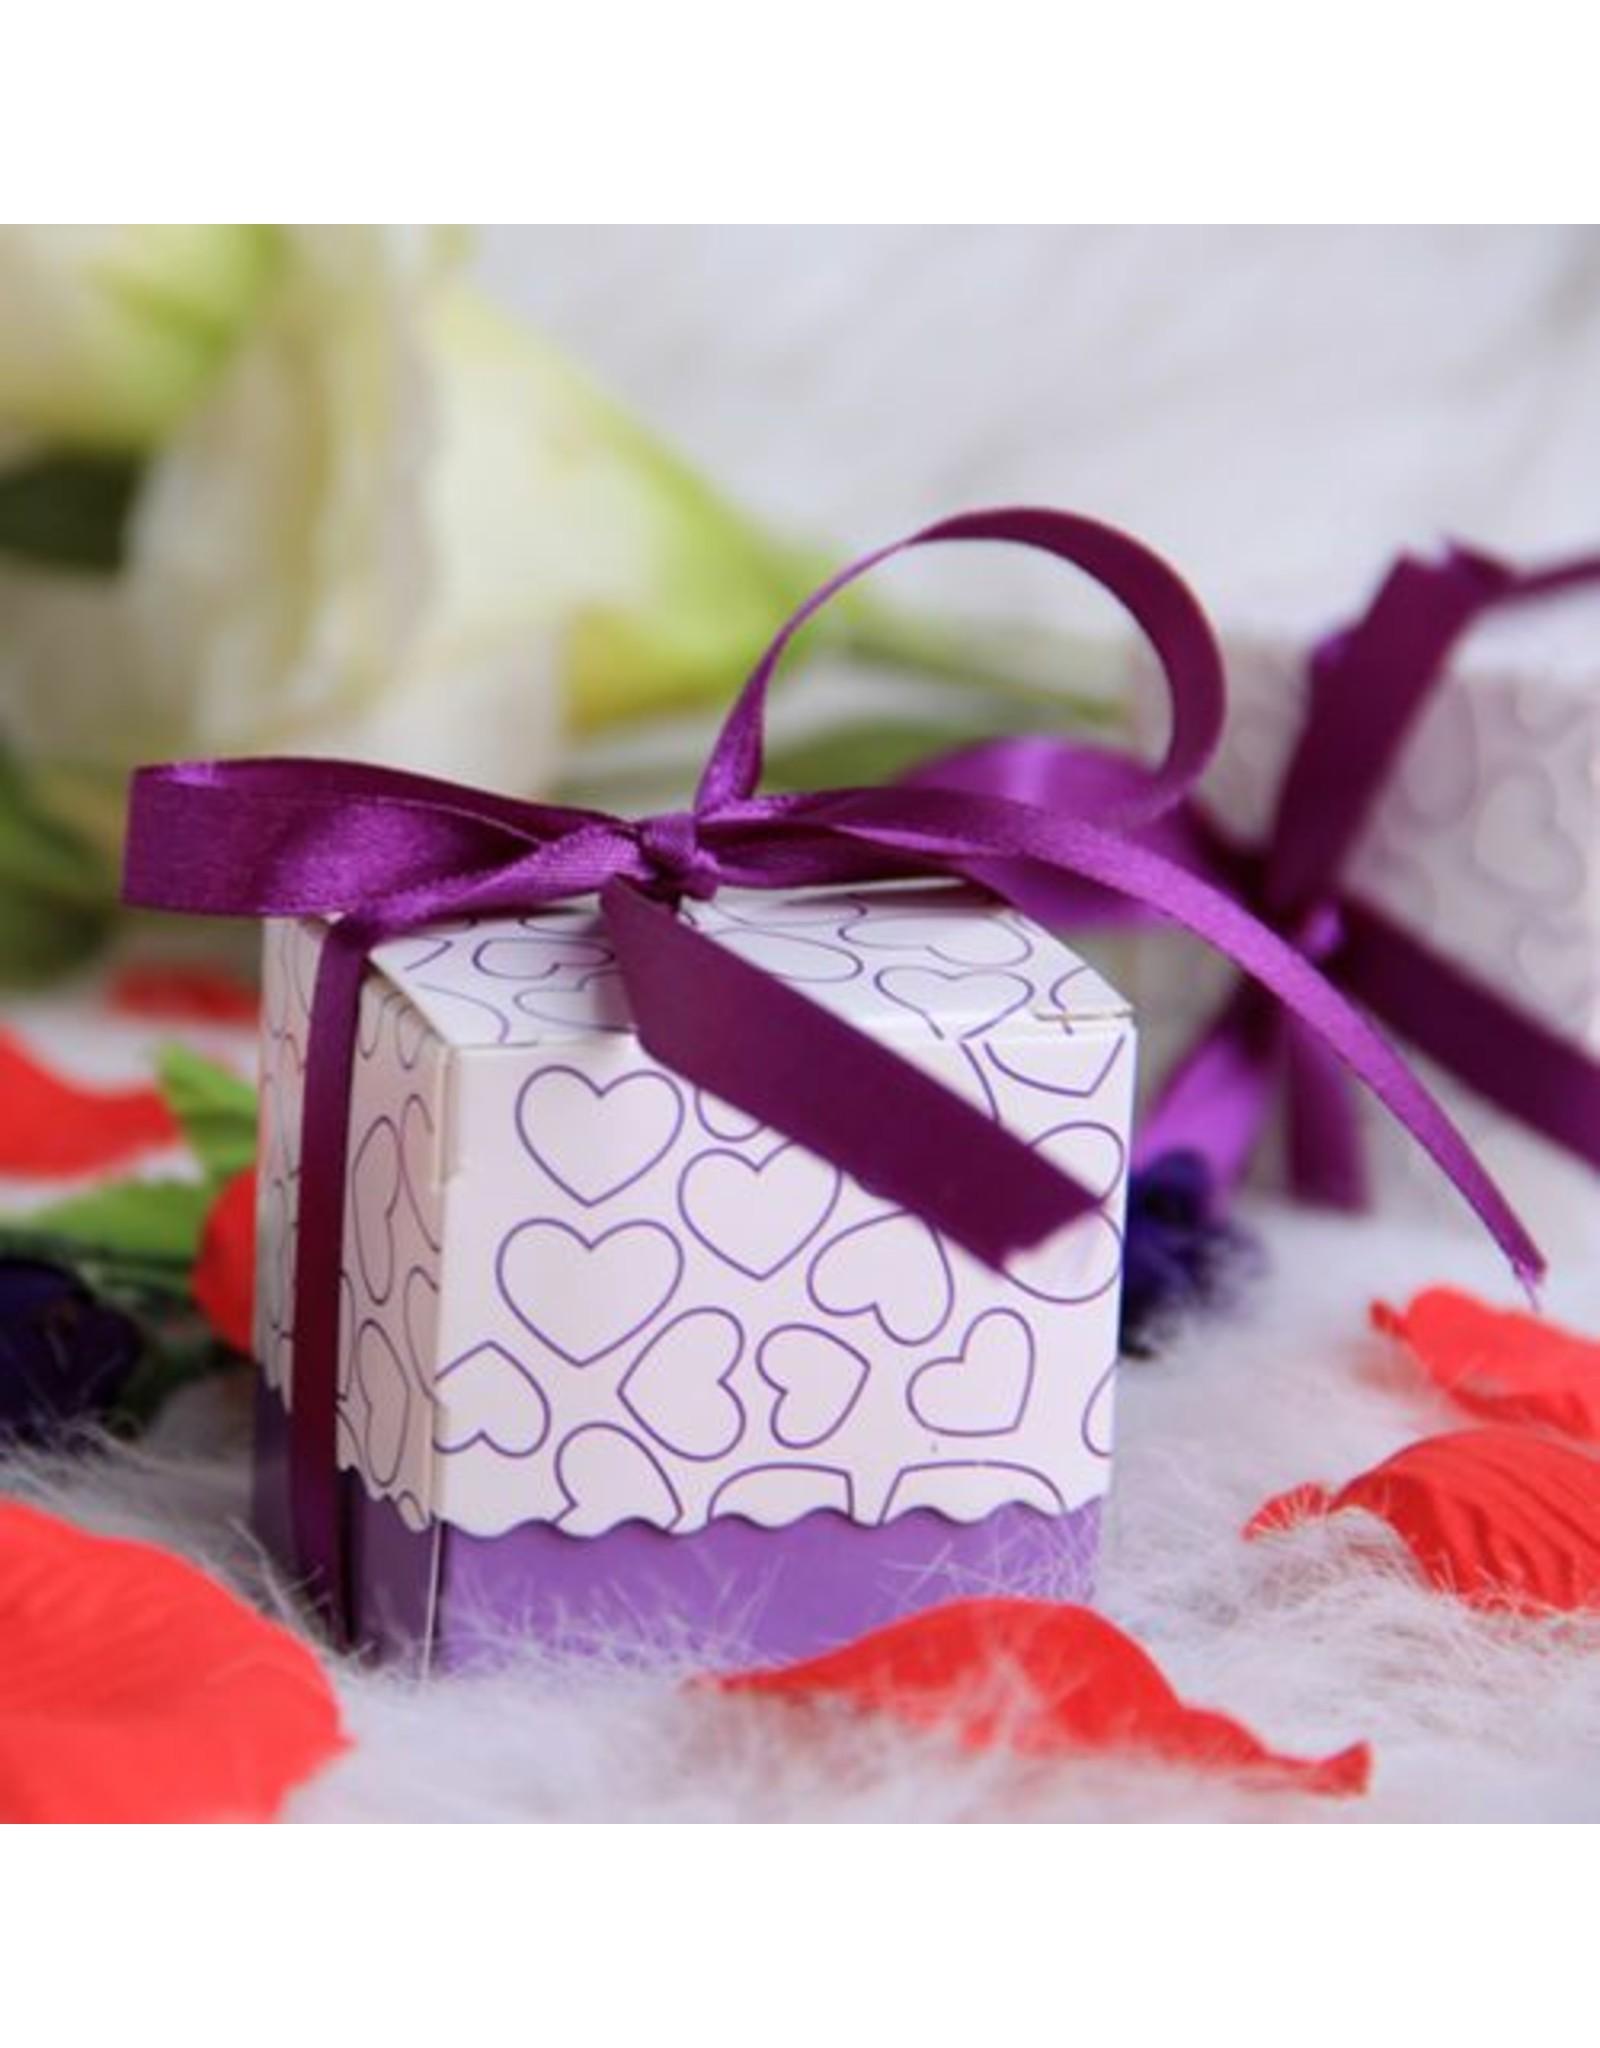 Doosjes voor bedankjes paars/lila 25 stuks - Body & Soap